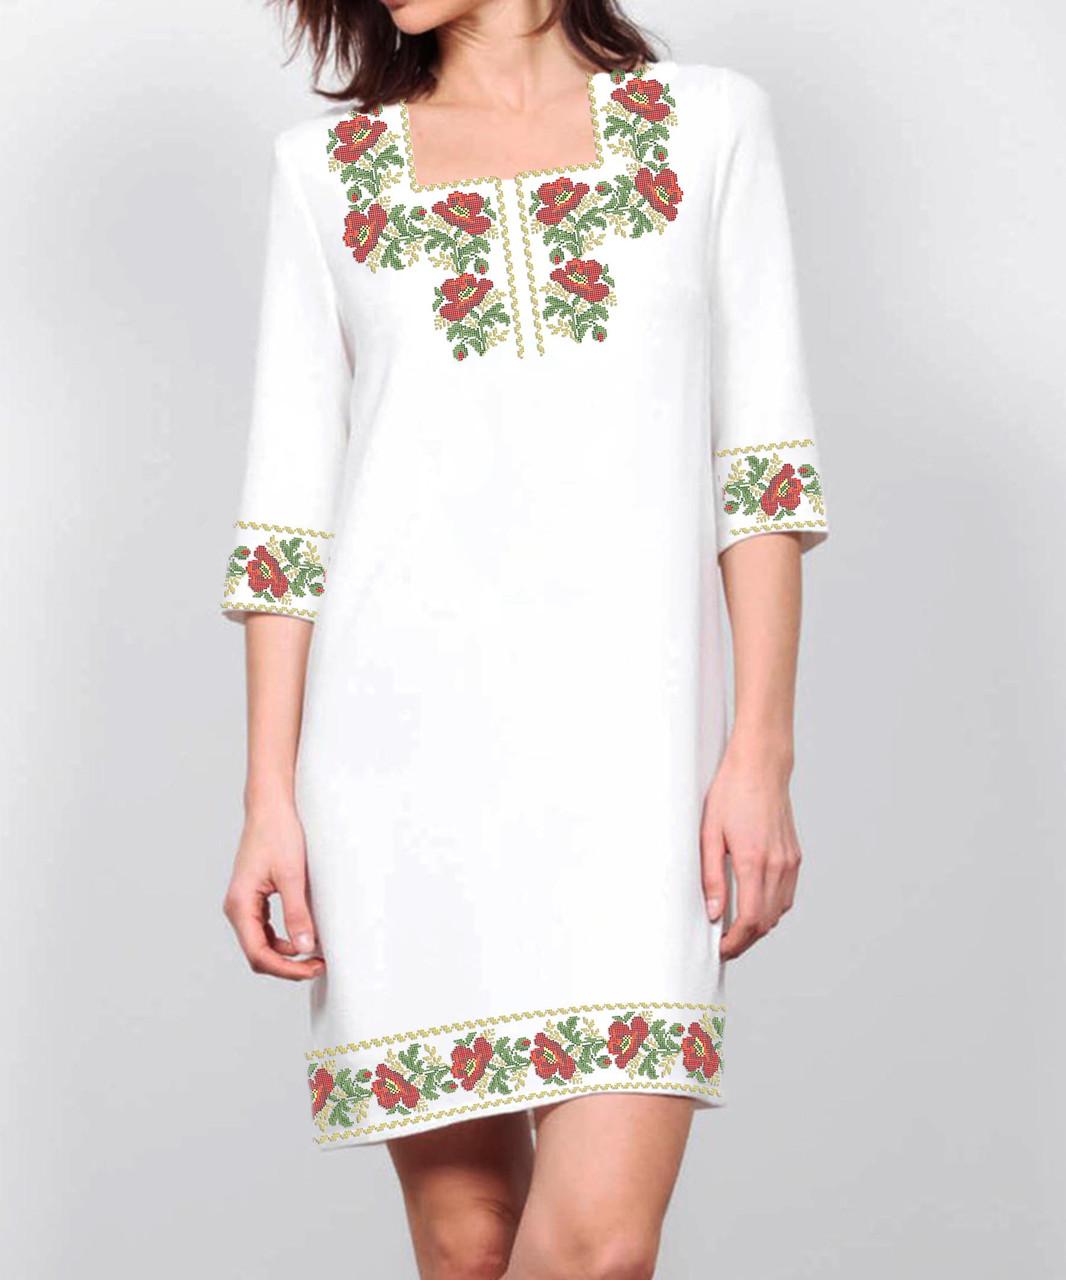 Заготовка жіночого плаття чи сукні для вишивки та вишивання бісером Бисерок  «Маки в орнаменті 105» (П-105 ГБ) Габардин